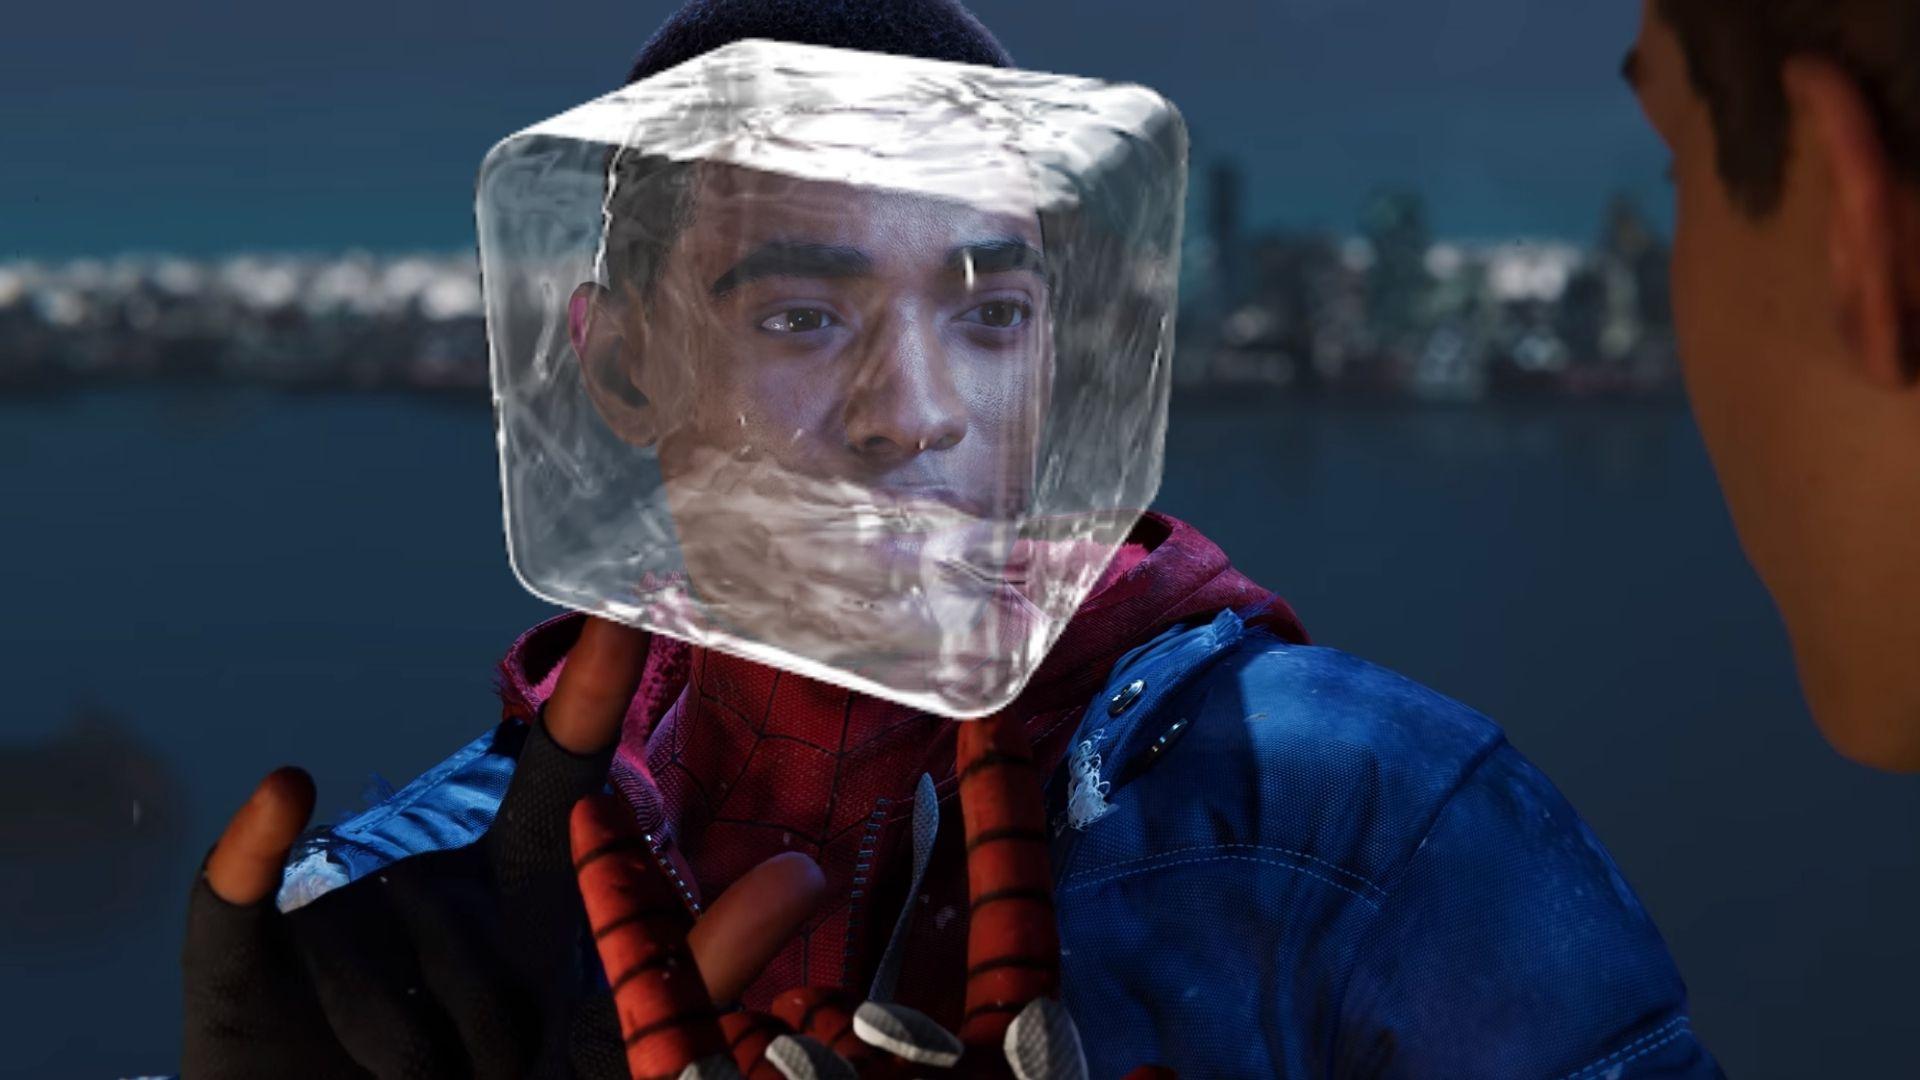 miles frozen in ice